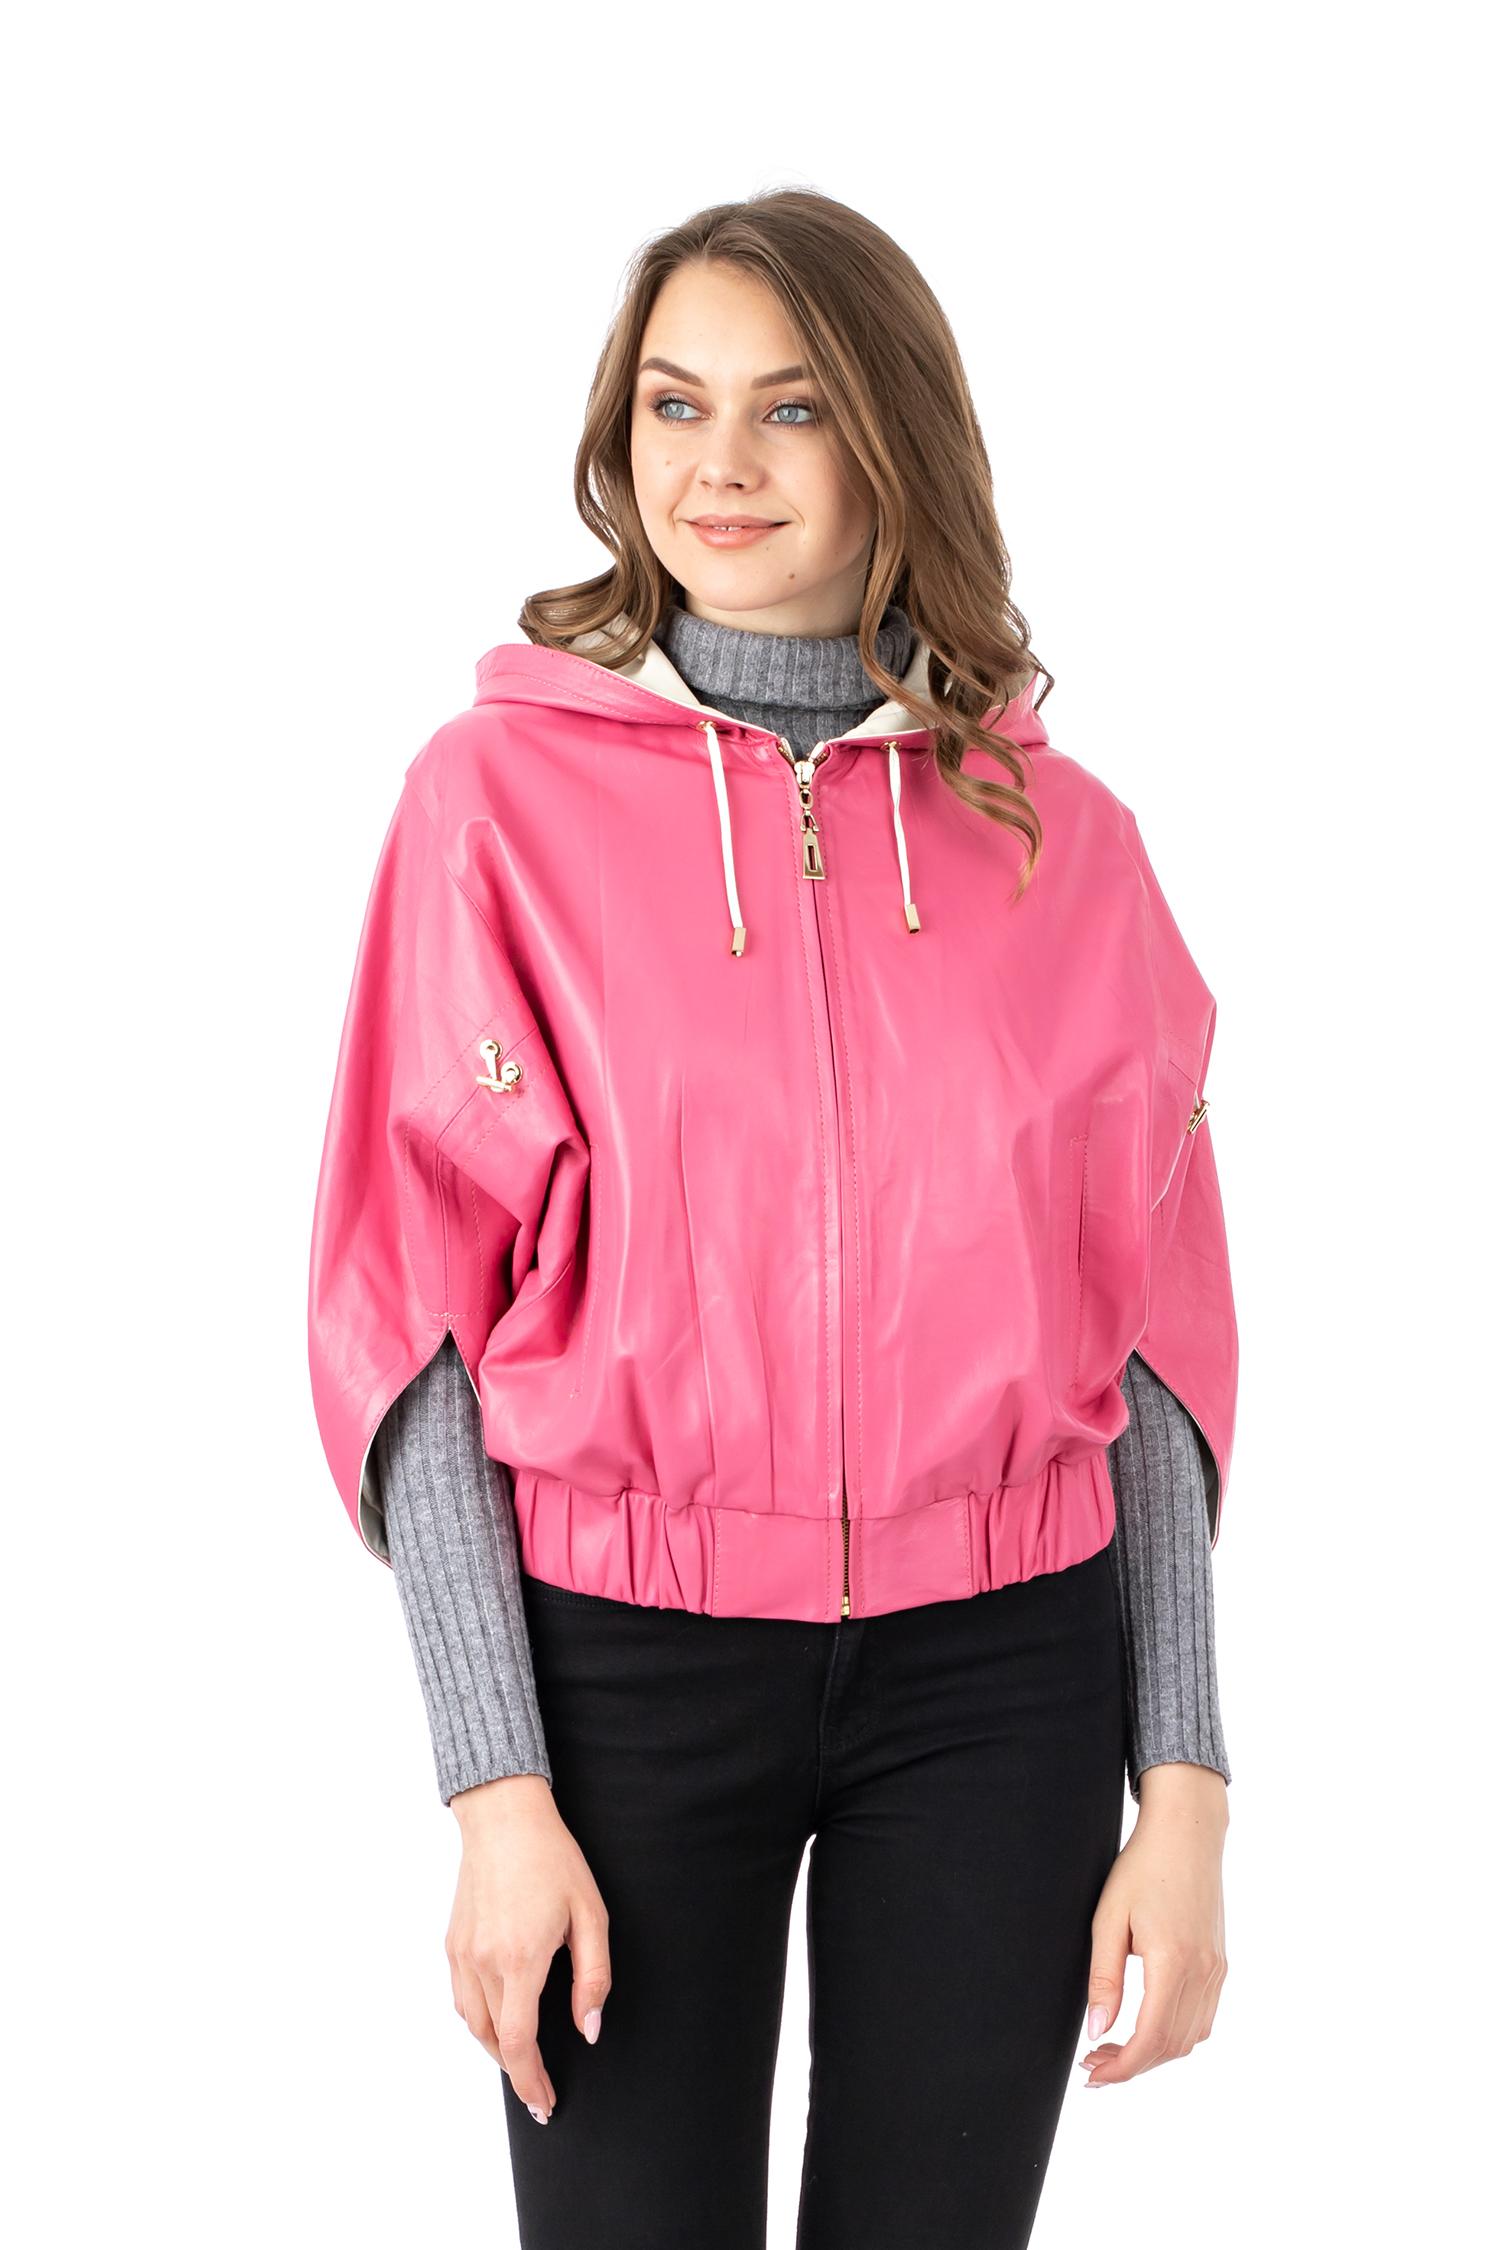 Купить со скидкой Женская кожаная куртка из натуральной кожи с капюшоном